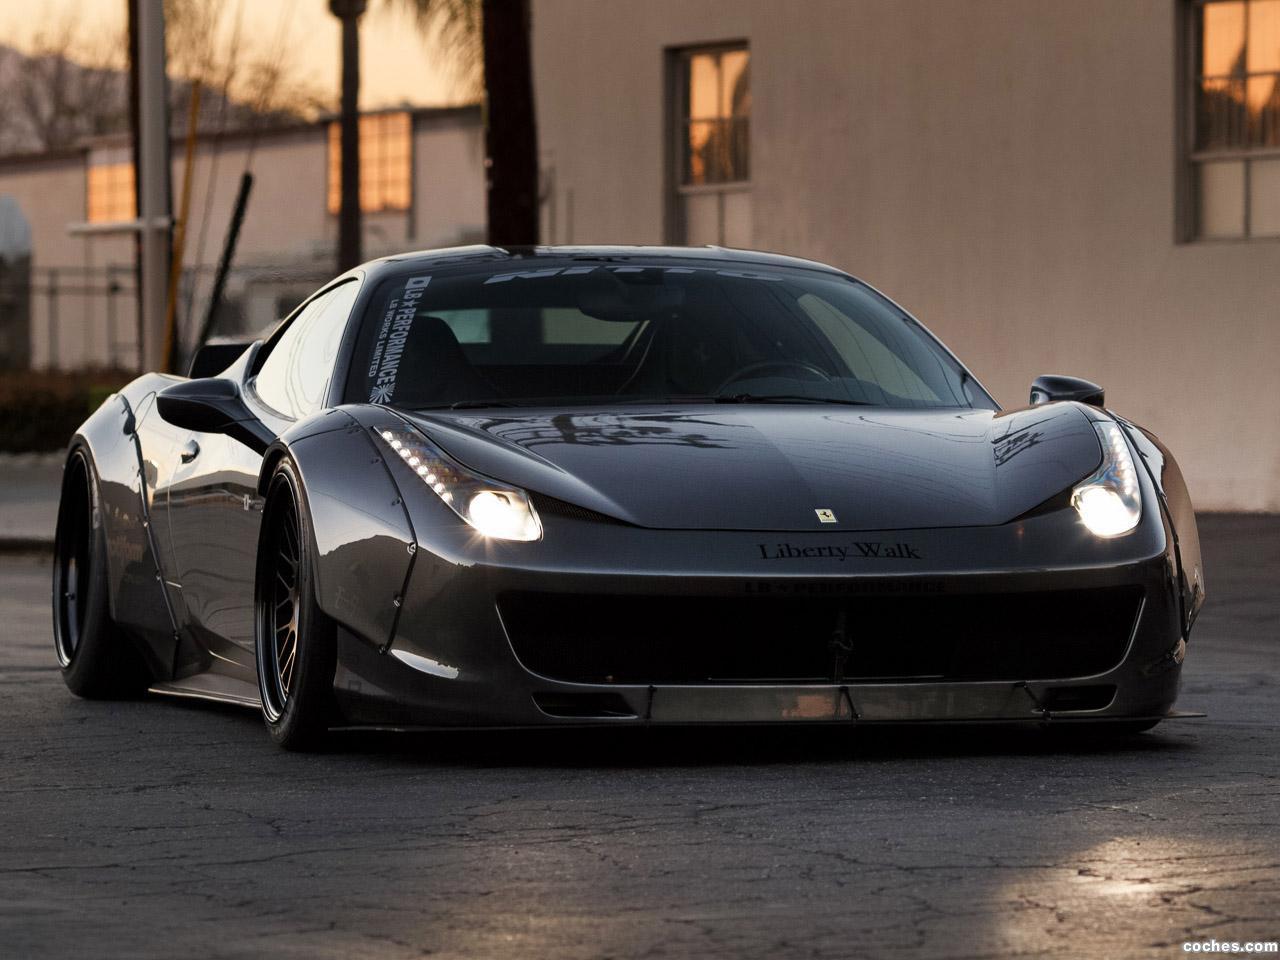 Foto 0 de Ferrari 458 Italia LB Performance 2013